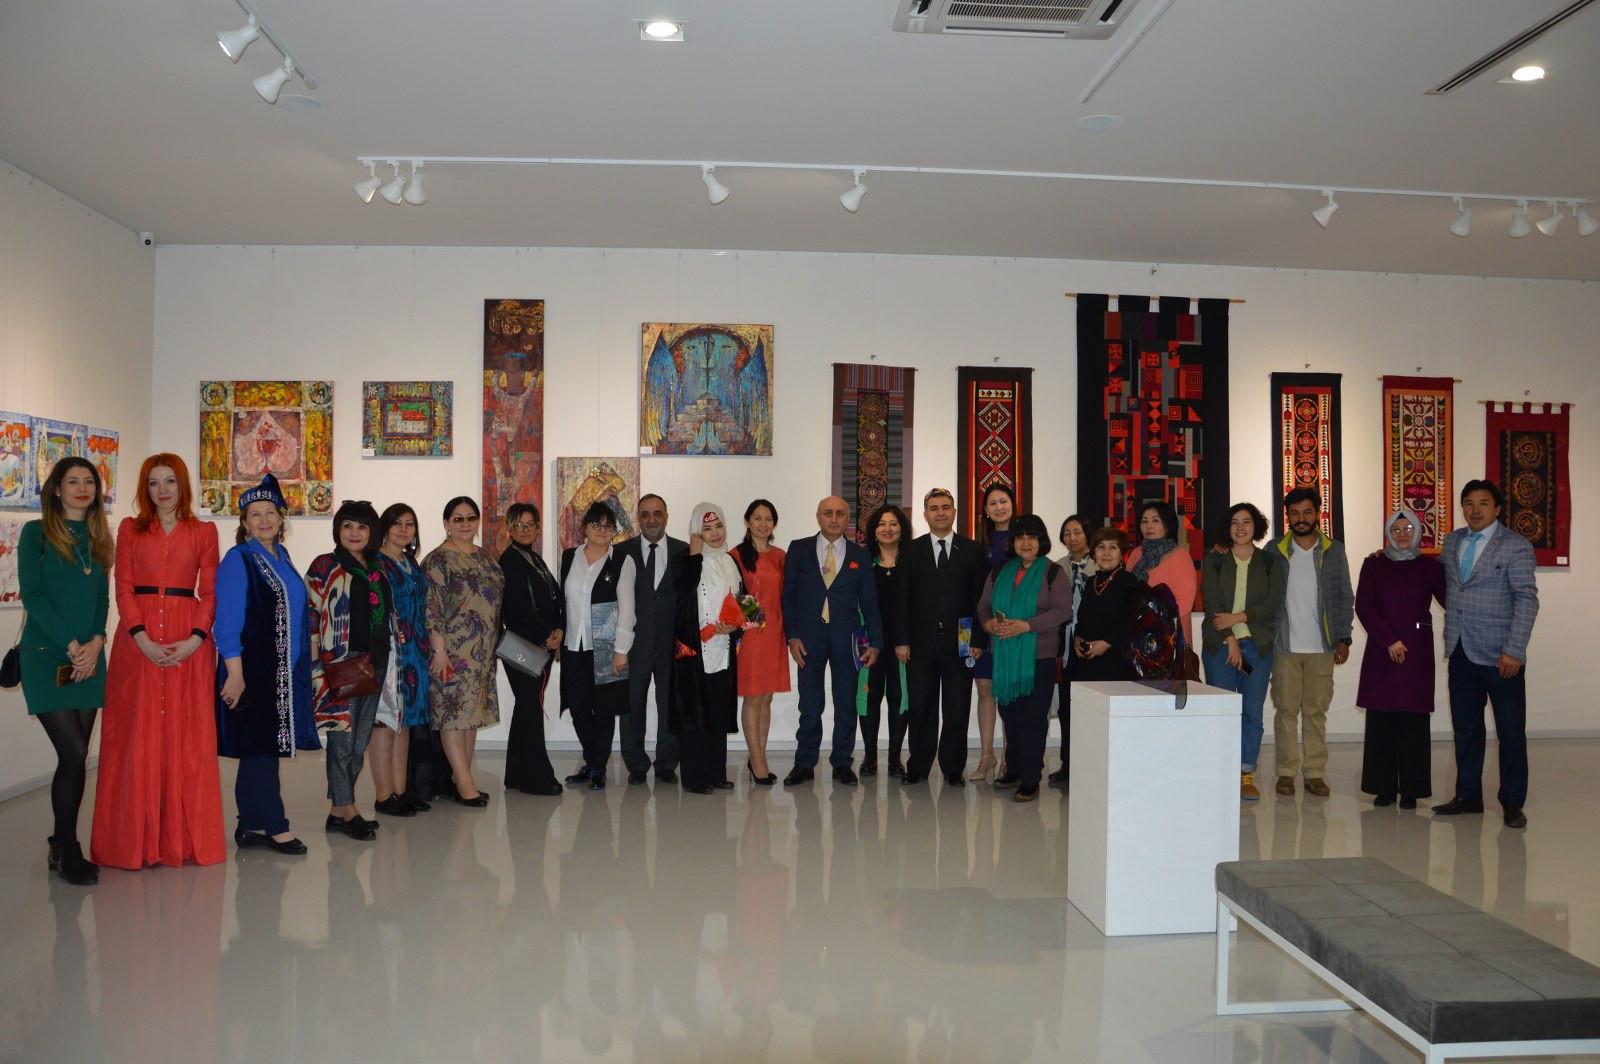 Türk Dünyasından Kadın Sanatçılar İstanbul'da Buluştu Galeri - 15. Resim